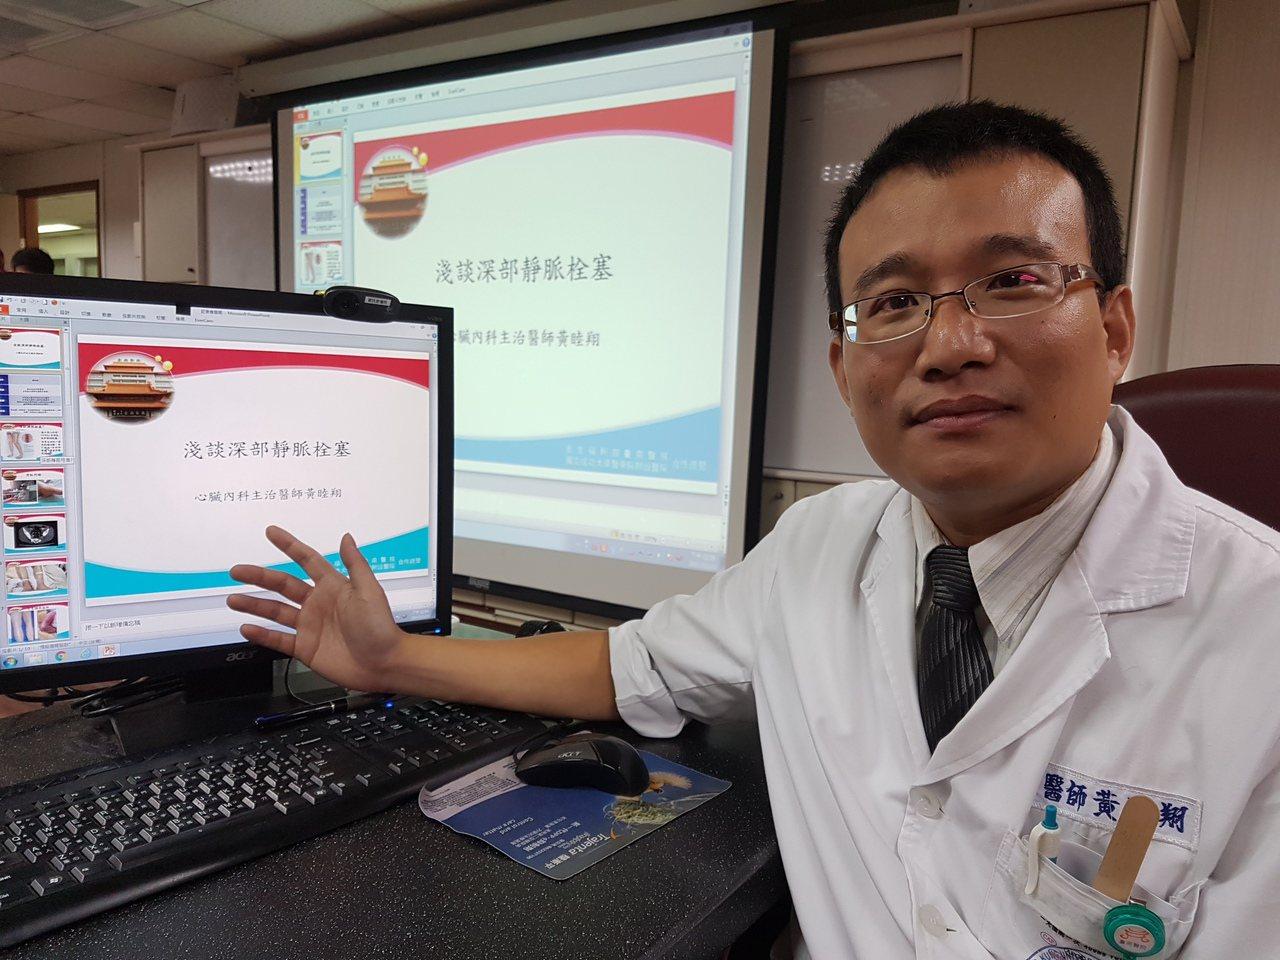 衛生福利部台南醫院心臟內科醫師黃睦翔提醒大家注意下肢靜脈栓塞 記者修瑞瑩/攝影